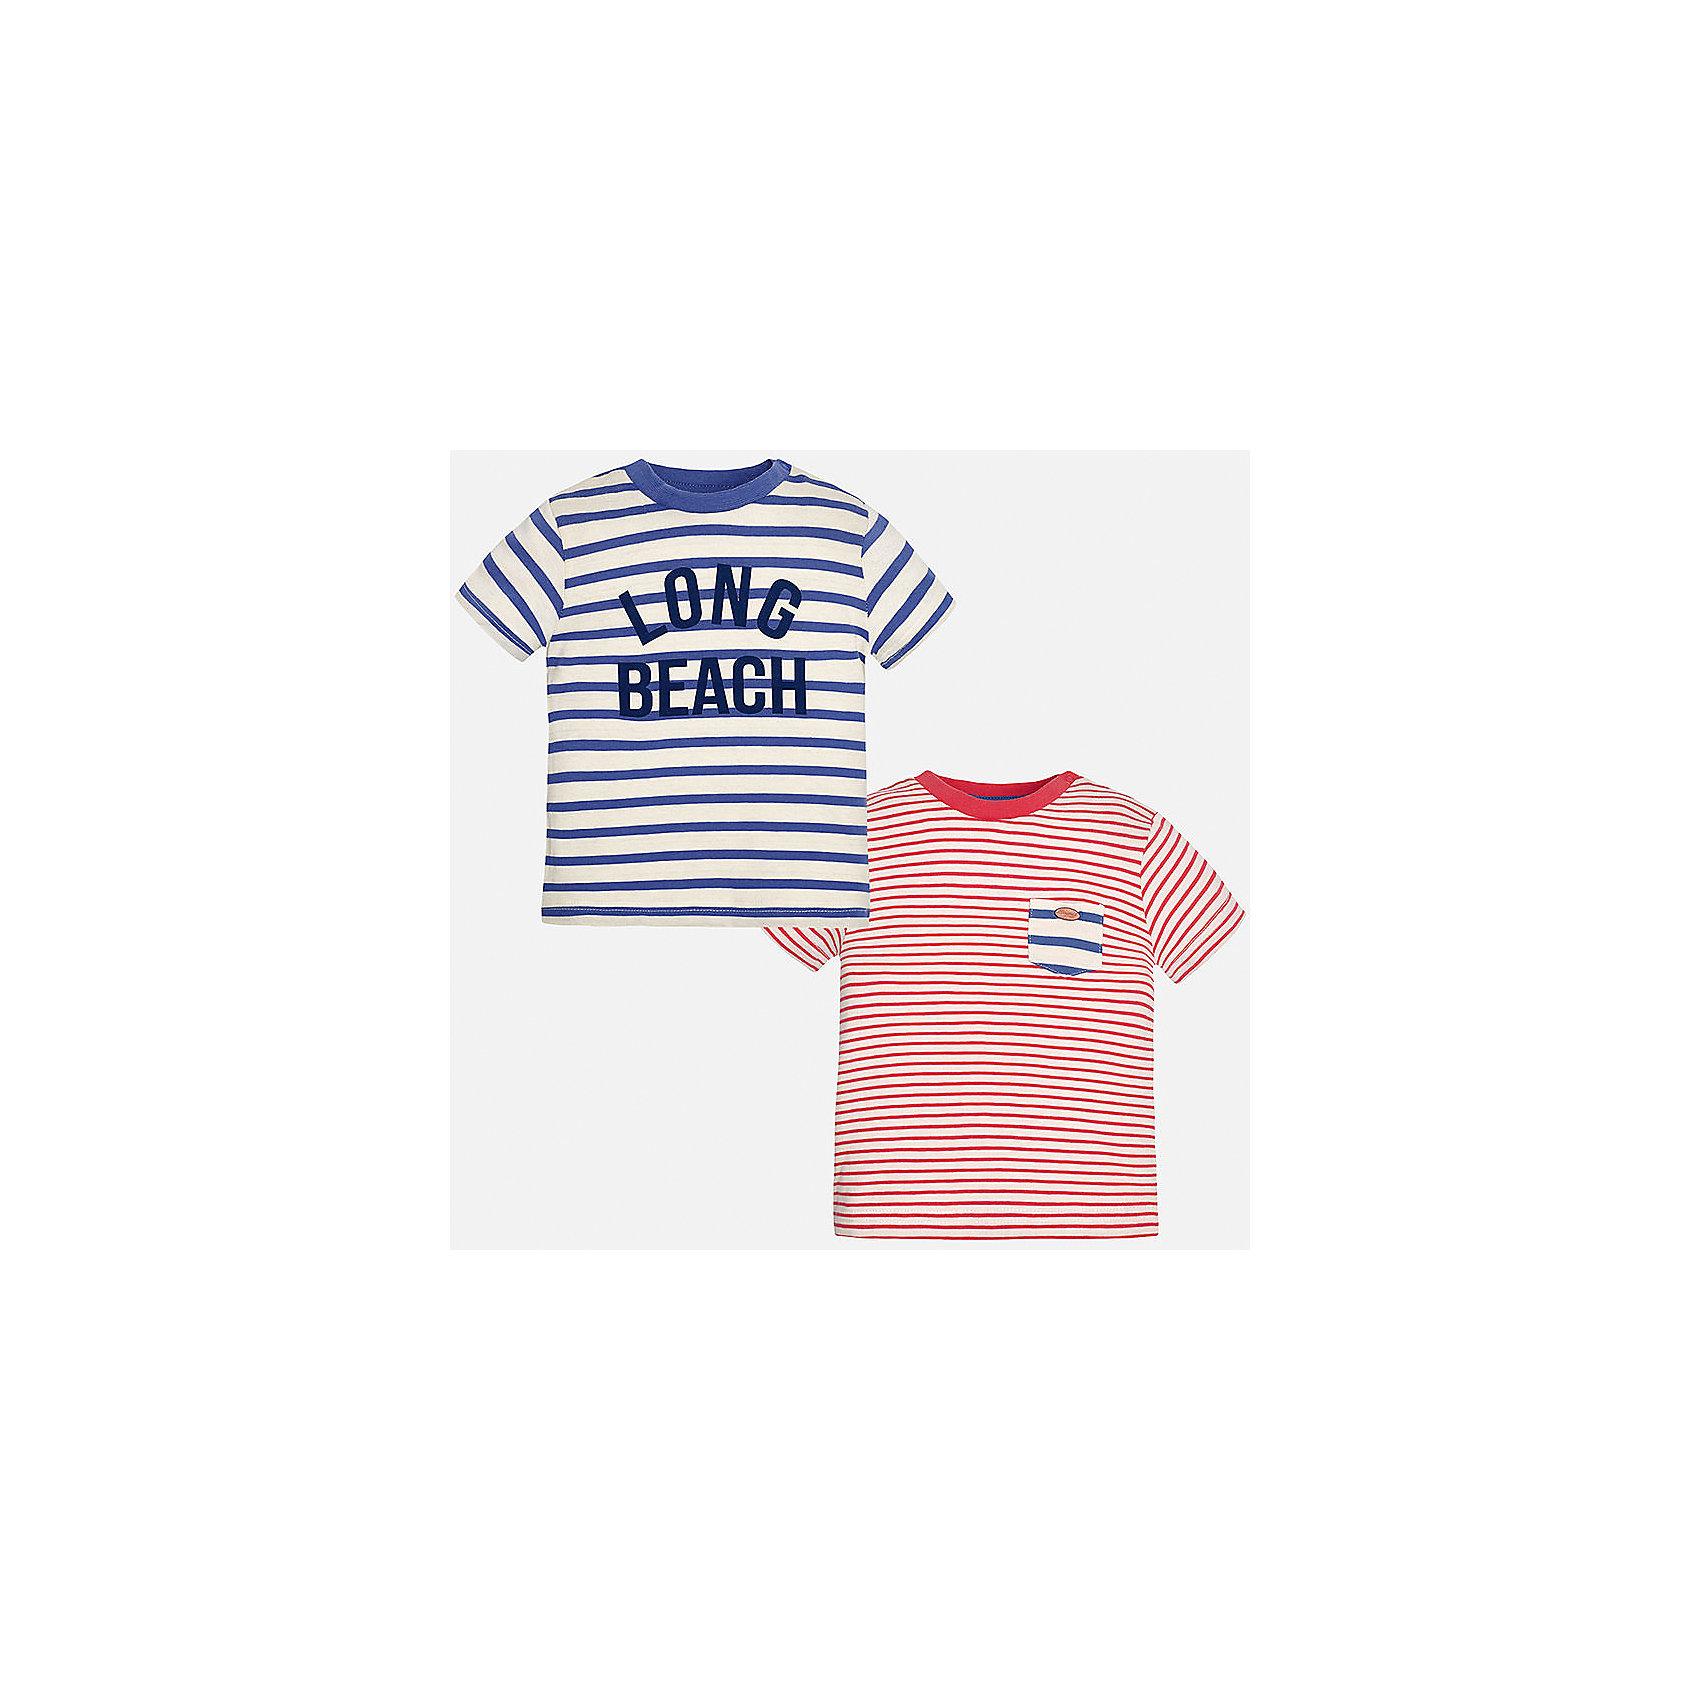 Футболка (2 шт.) для мальчика MayoralХарактеристики товара:<br><br>• цвет: белый/синий/красный<br>• состав: 100% хлопок<br>• комплектация: 2 шт<br>• круглый горловой вырез<br>• одна футболка декорирована надписью<br>• короткие рукава<br>• мягкая отделка горловины<br>• страна бренда: Испания<br><br>Стильная удобная футболка с принтом поможет разнообразить гардероб мальчика. Она отлично сочетается с брюками, шортами, джинсами. Универсальный крой и цвет позволяет подобрать к вещи низ разных расцветок. Практичное и стильное изделие! Хорошо смотрится и комфортно сидит на детях. В составе материала - натуральный хлопок, гипоаллергенный, приятный на ощупь, дышащий. В этом наборе - сразу две модные футболки разных расцветок!<br><br>Одежда, обувь и аксессуары от испанского бренда Mayoral полюбились детям и взрослым по всему миру. Модели этой марки - стильные и удобные. Для их производства используются только безопасные, качественные материалы и фурнитура. Порадуйте ребенка модными и красивыми вещами от Mayoral! <br><br>Футболку (2 шт.) для мальчика от испанского бренда Mayoral (Майорал) можно купить в нашем интернет-магазине.<br><br>Ширина мм: 191<br>Глубина мм: 10<br>Высота мм: 175<br>Вес г: 273<br>Цвет: разноцветный<br>Возраст от месяцев: 12<br>Возраст до месяцев: 15<br>Пол: Мужской<br>Возраст: Детский<br>Размер: 80,92,86<br>SKU: 5278477